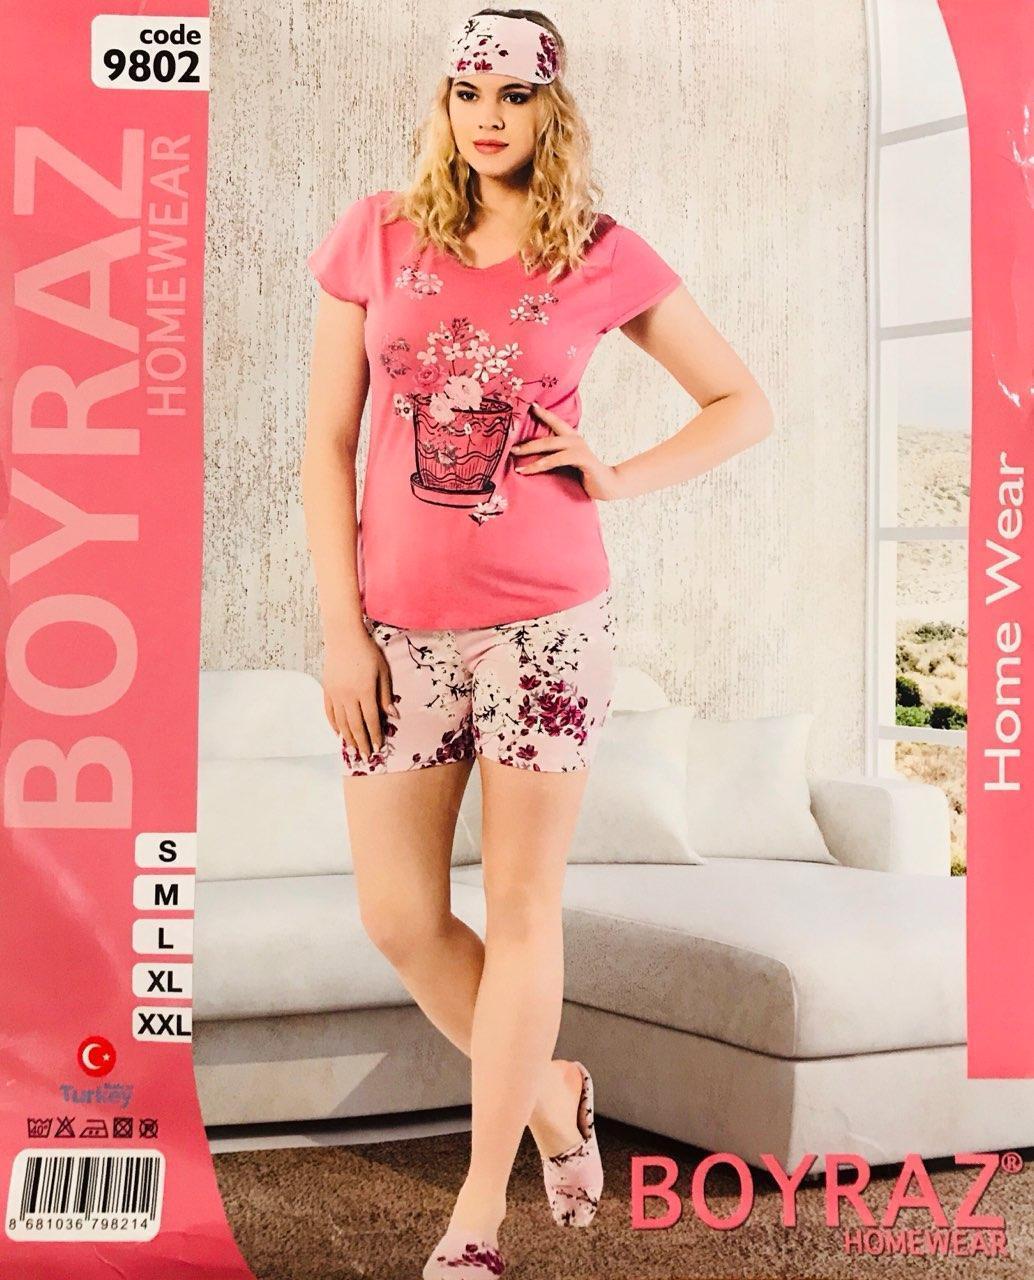 Женская пижама хлопок BOYRAZ Турция размер L(48) + тапочки 9802